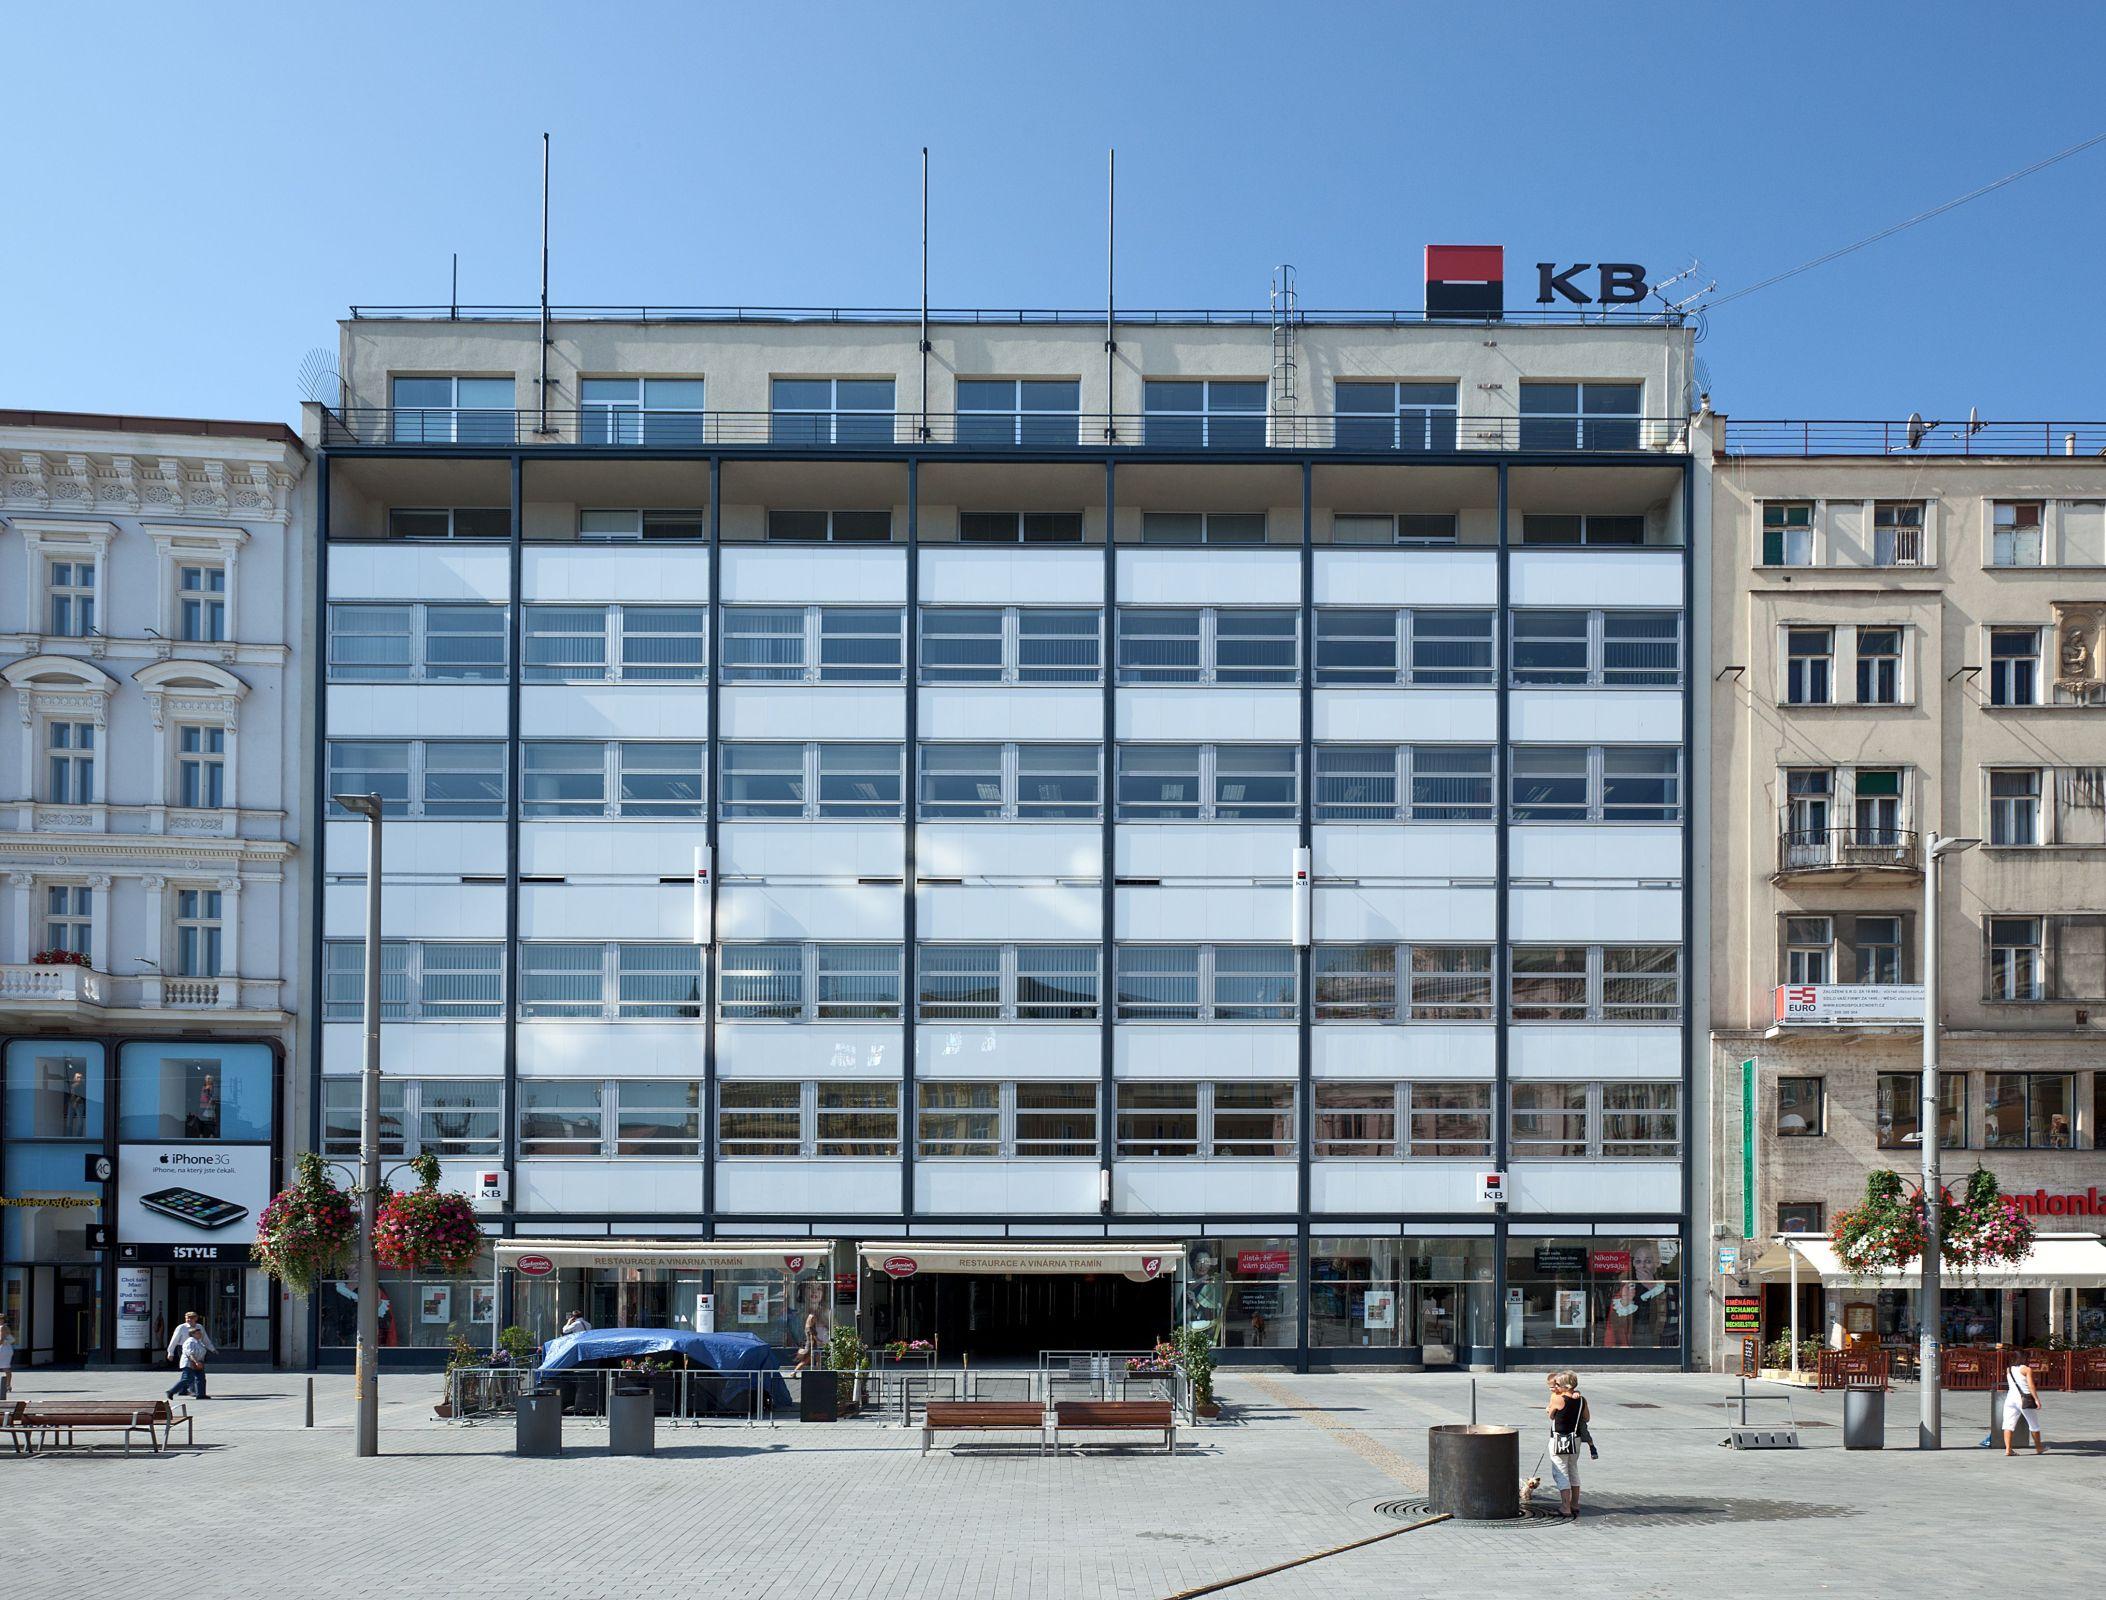 Moravská banka (now Komerční banka) in Brno